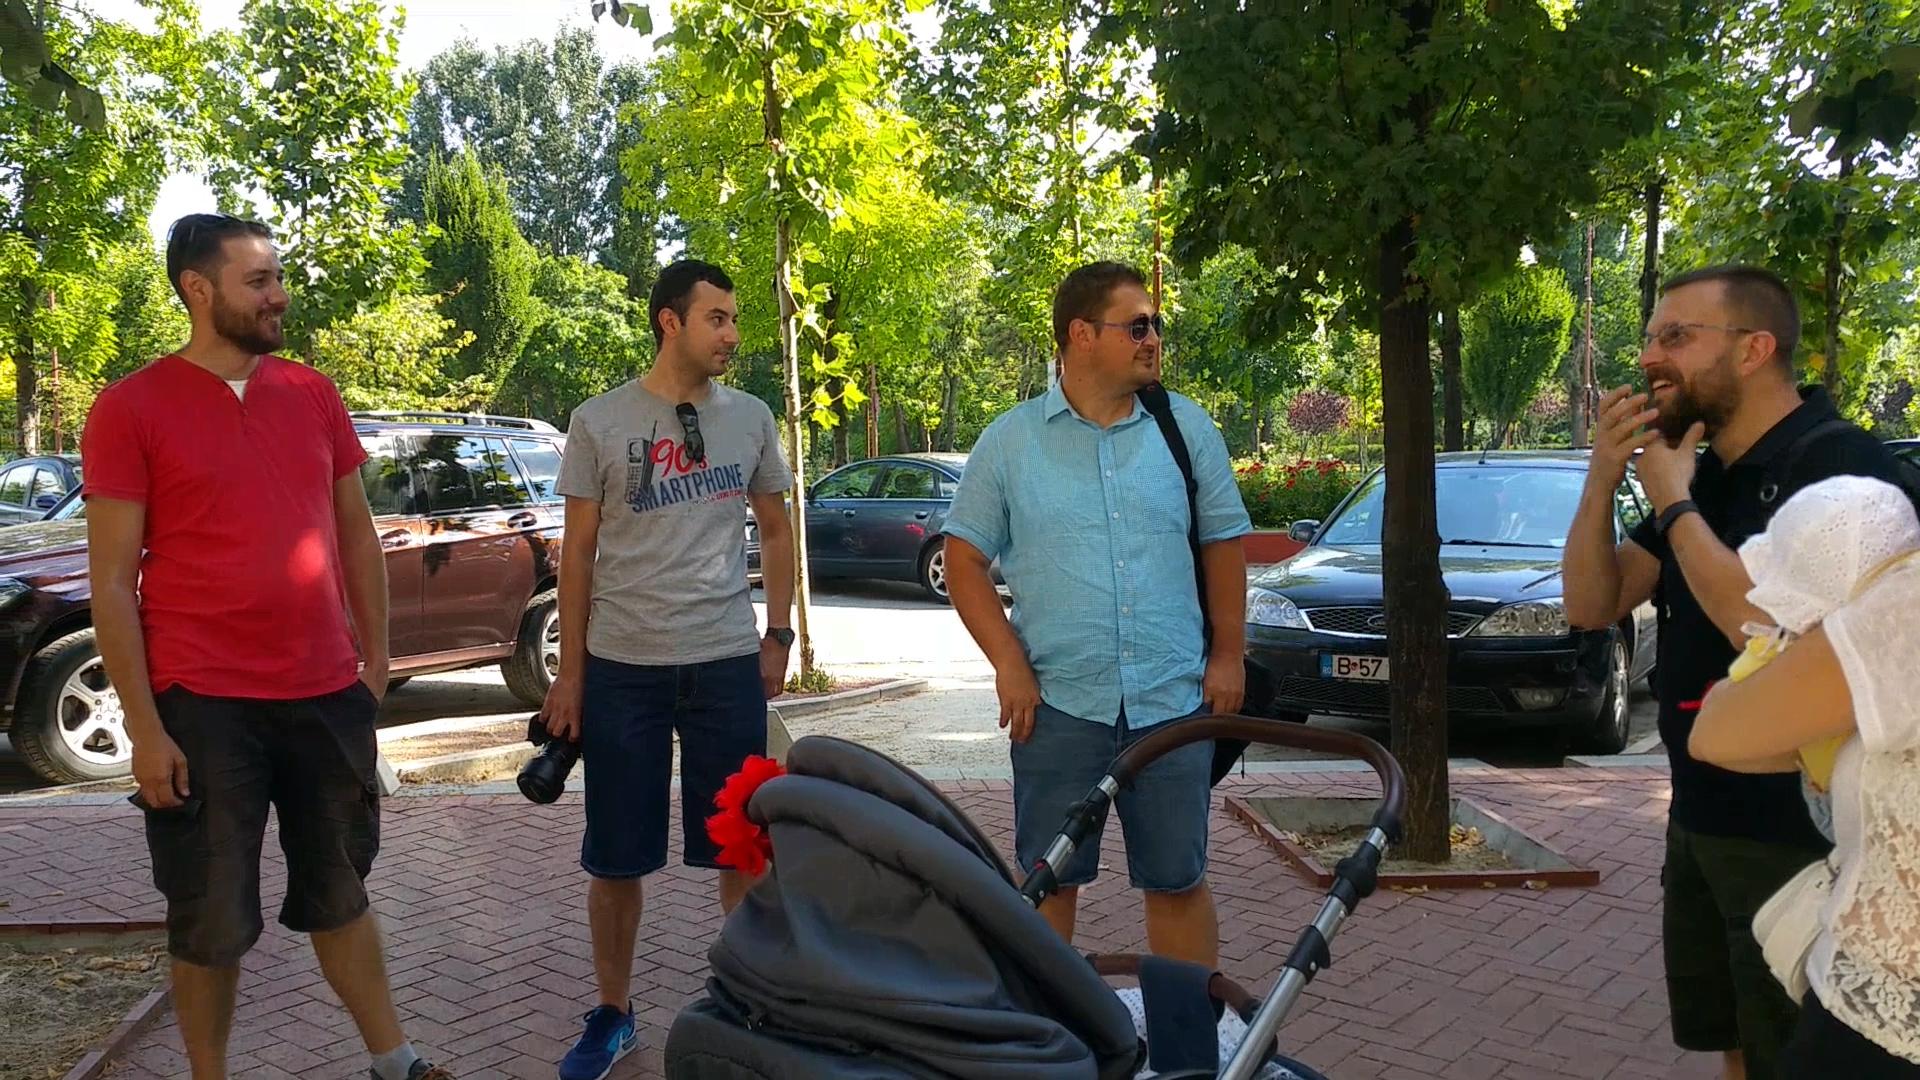 Cum a fost la meetup in Bucuresti si discutii pe fotografiile facute